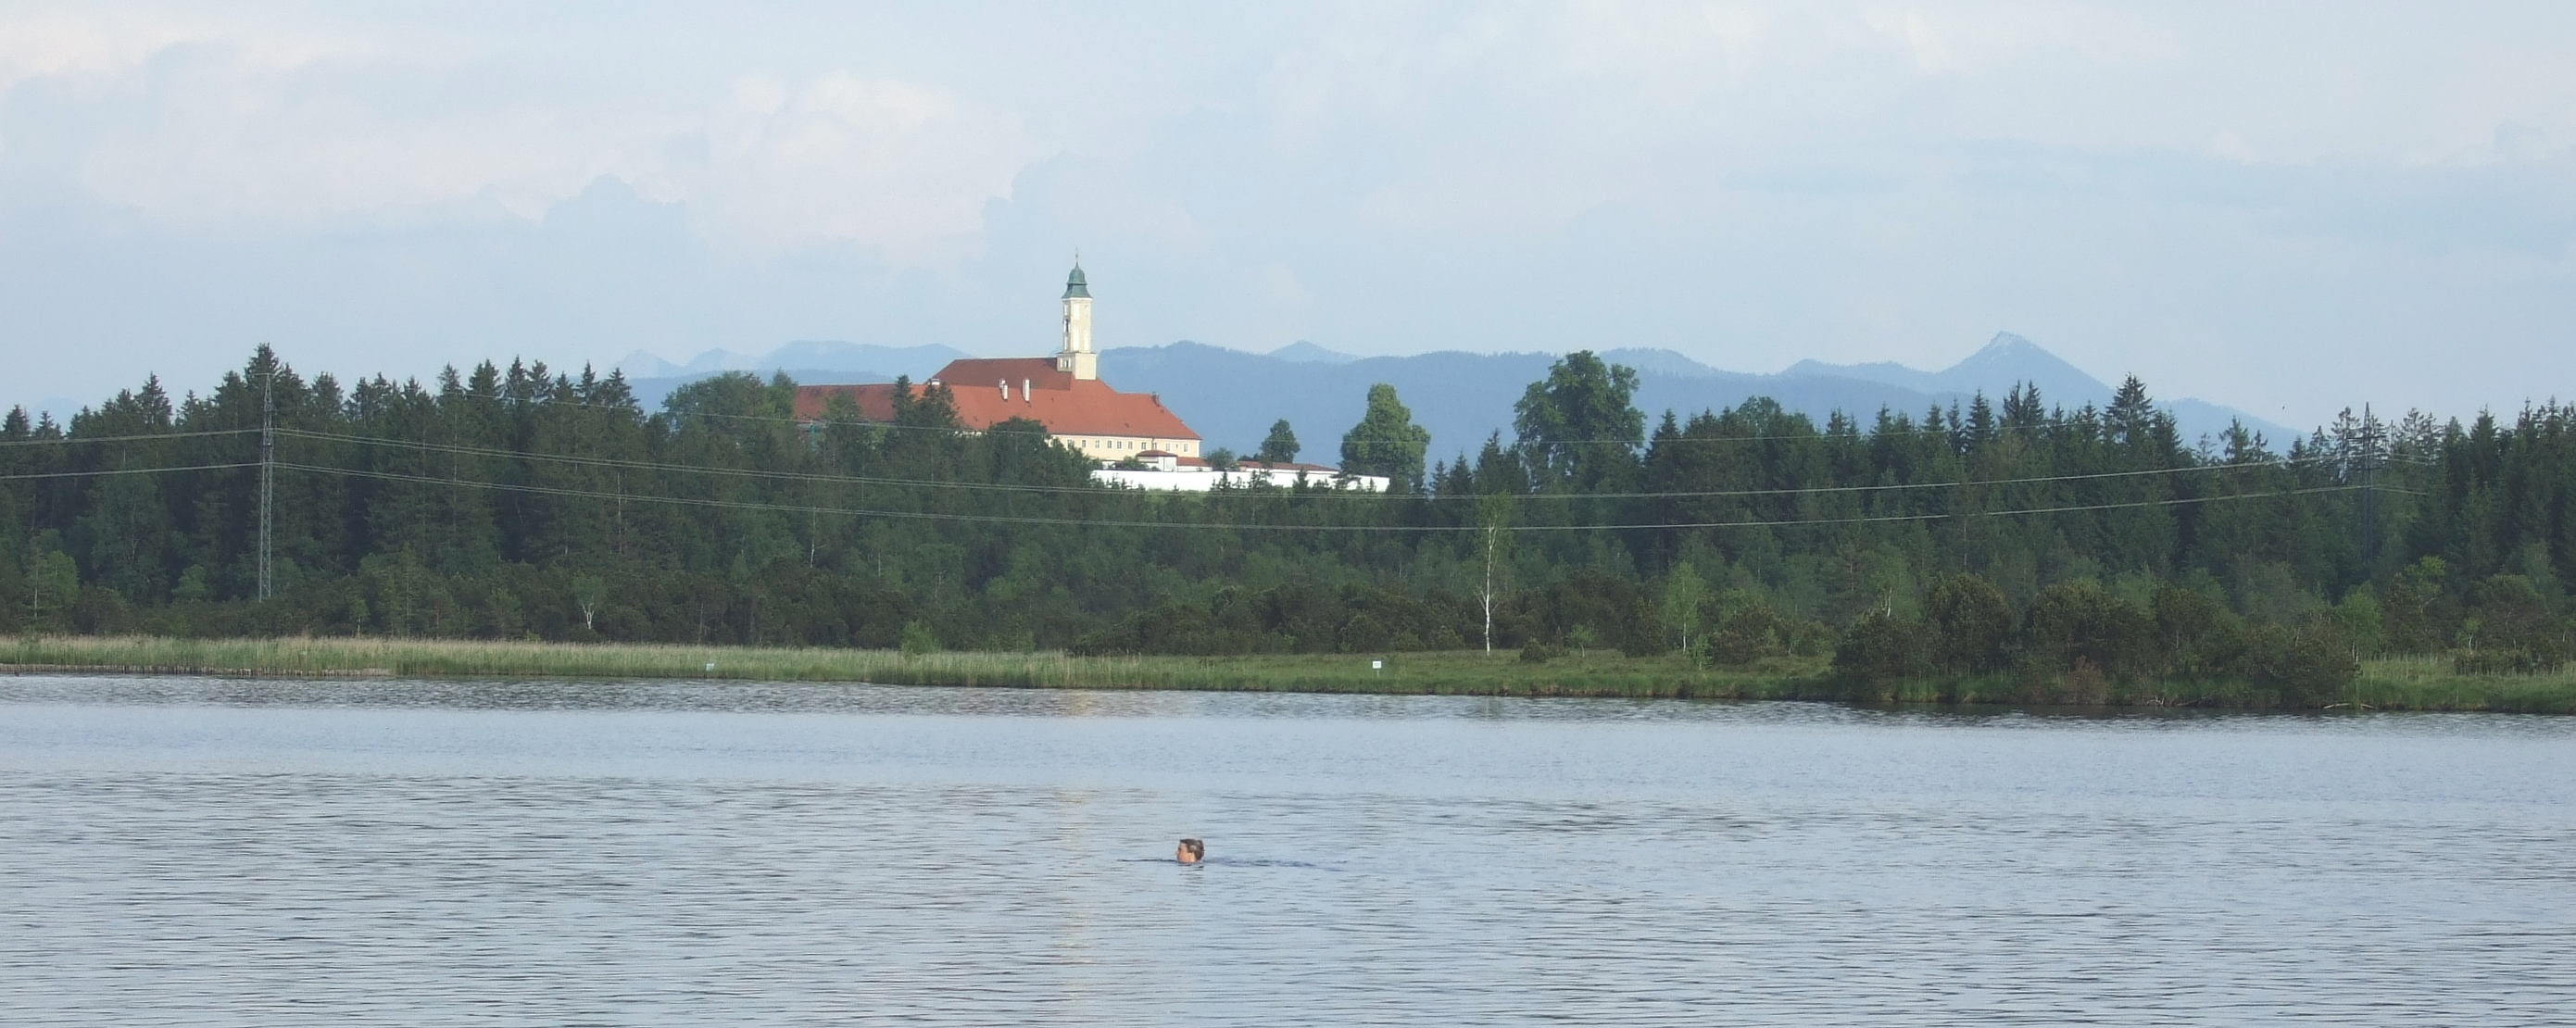 Bad Tölz - Reichersbeuern - Kirchsee